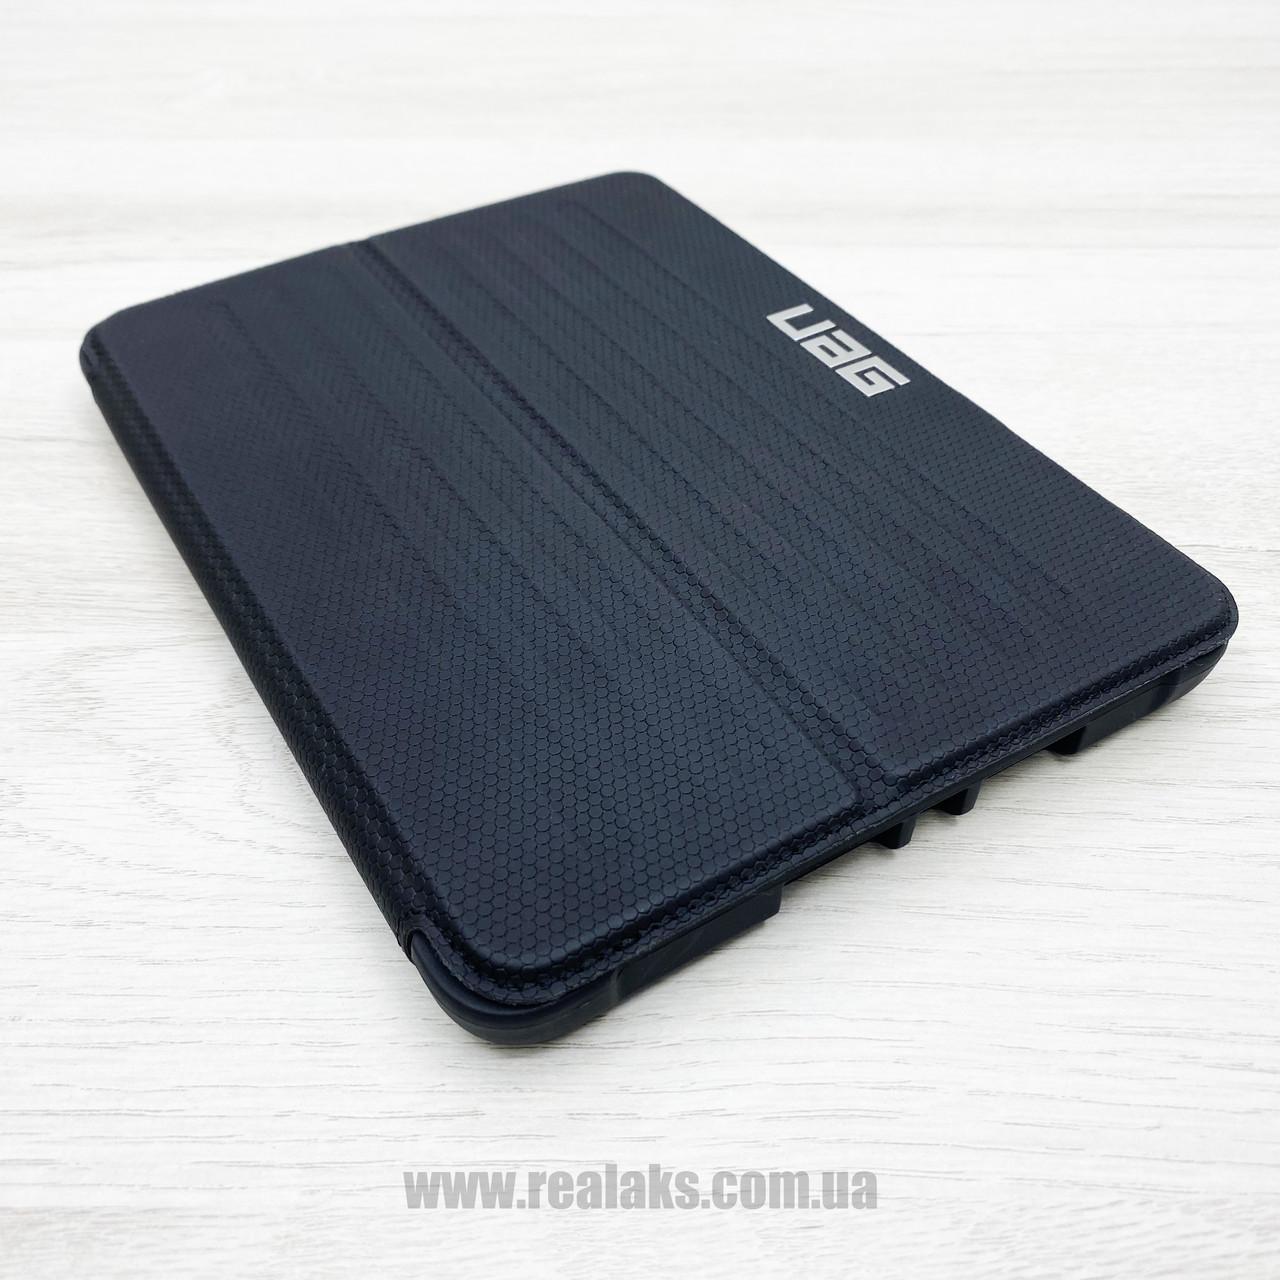 Чехол противоударный UAG для iPad mini 5 (Black)